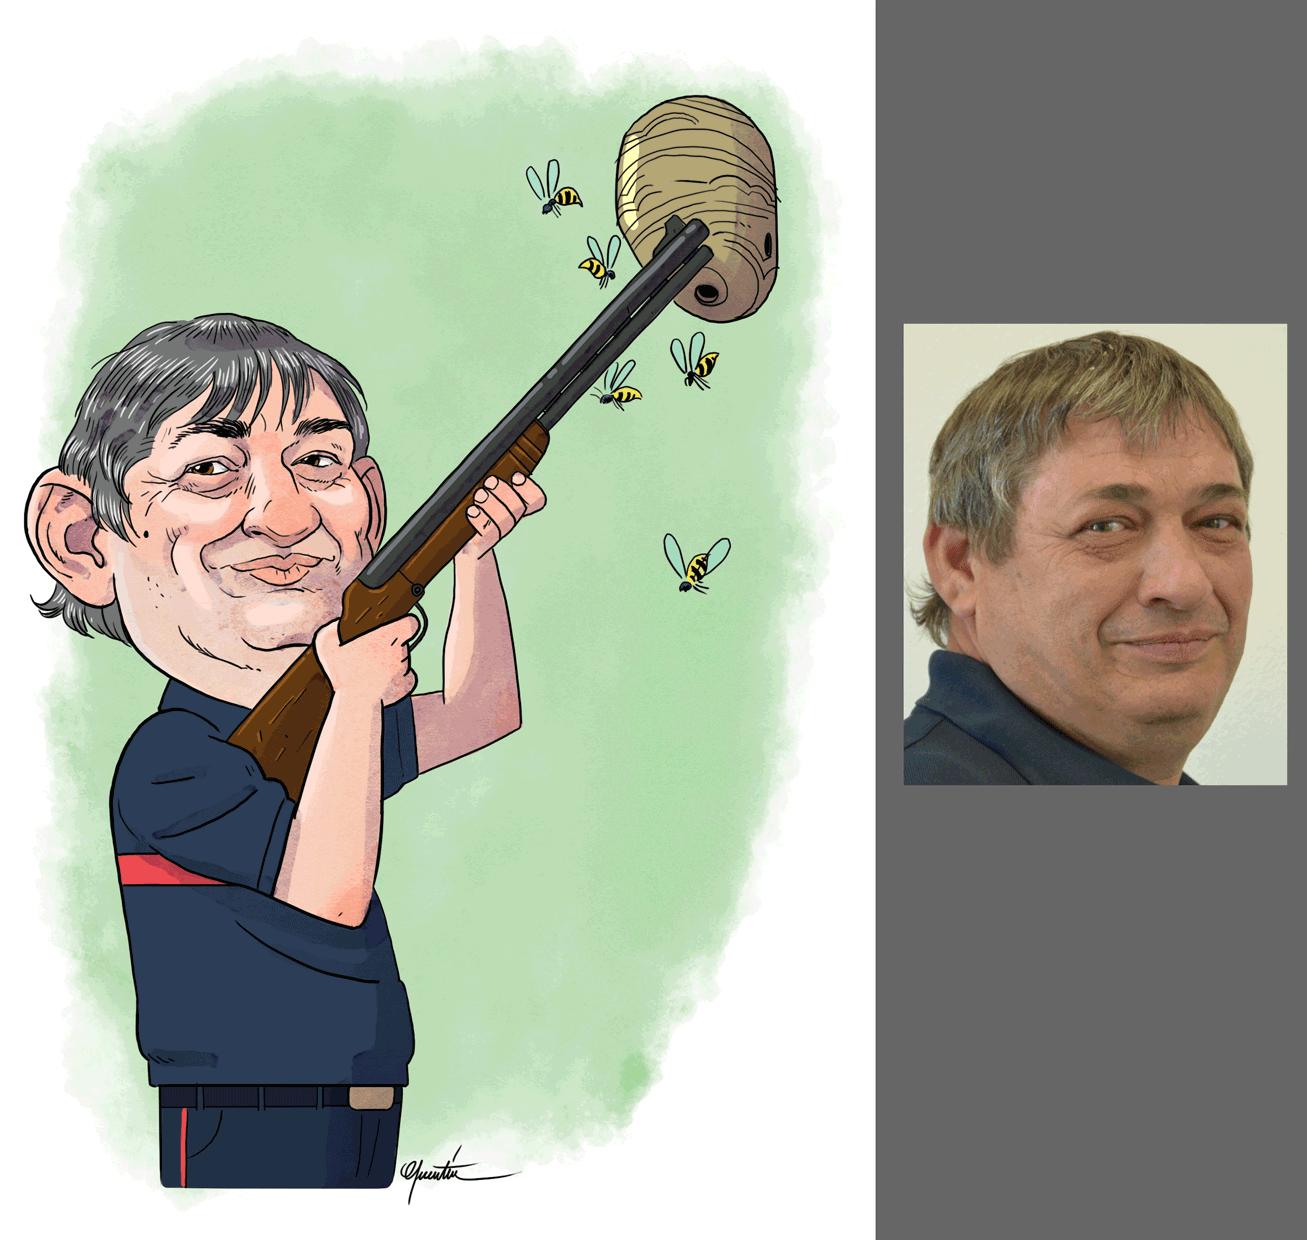 JeanPierre_chasse